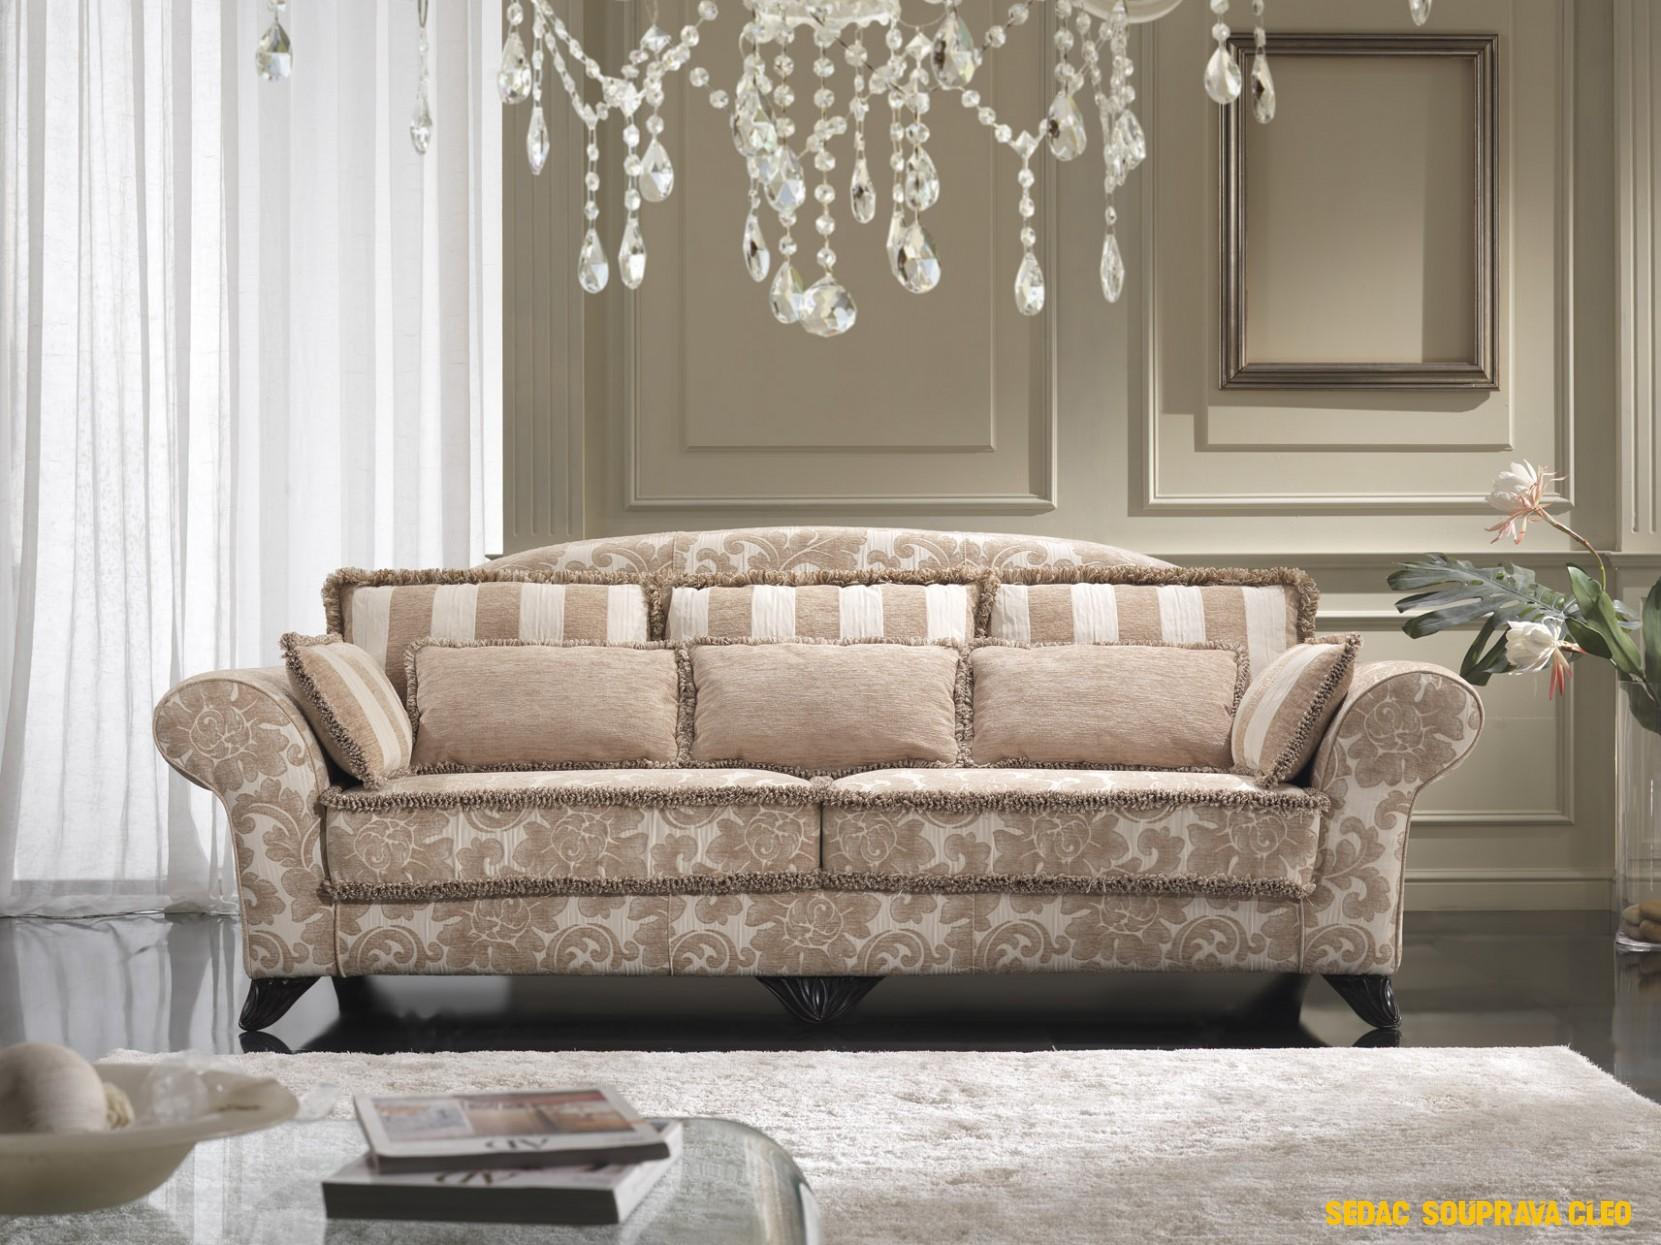 Luxusní sedací souprava Puccini: elegance s masivním polstrováním